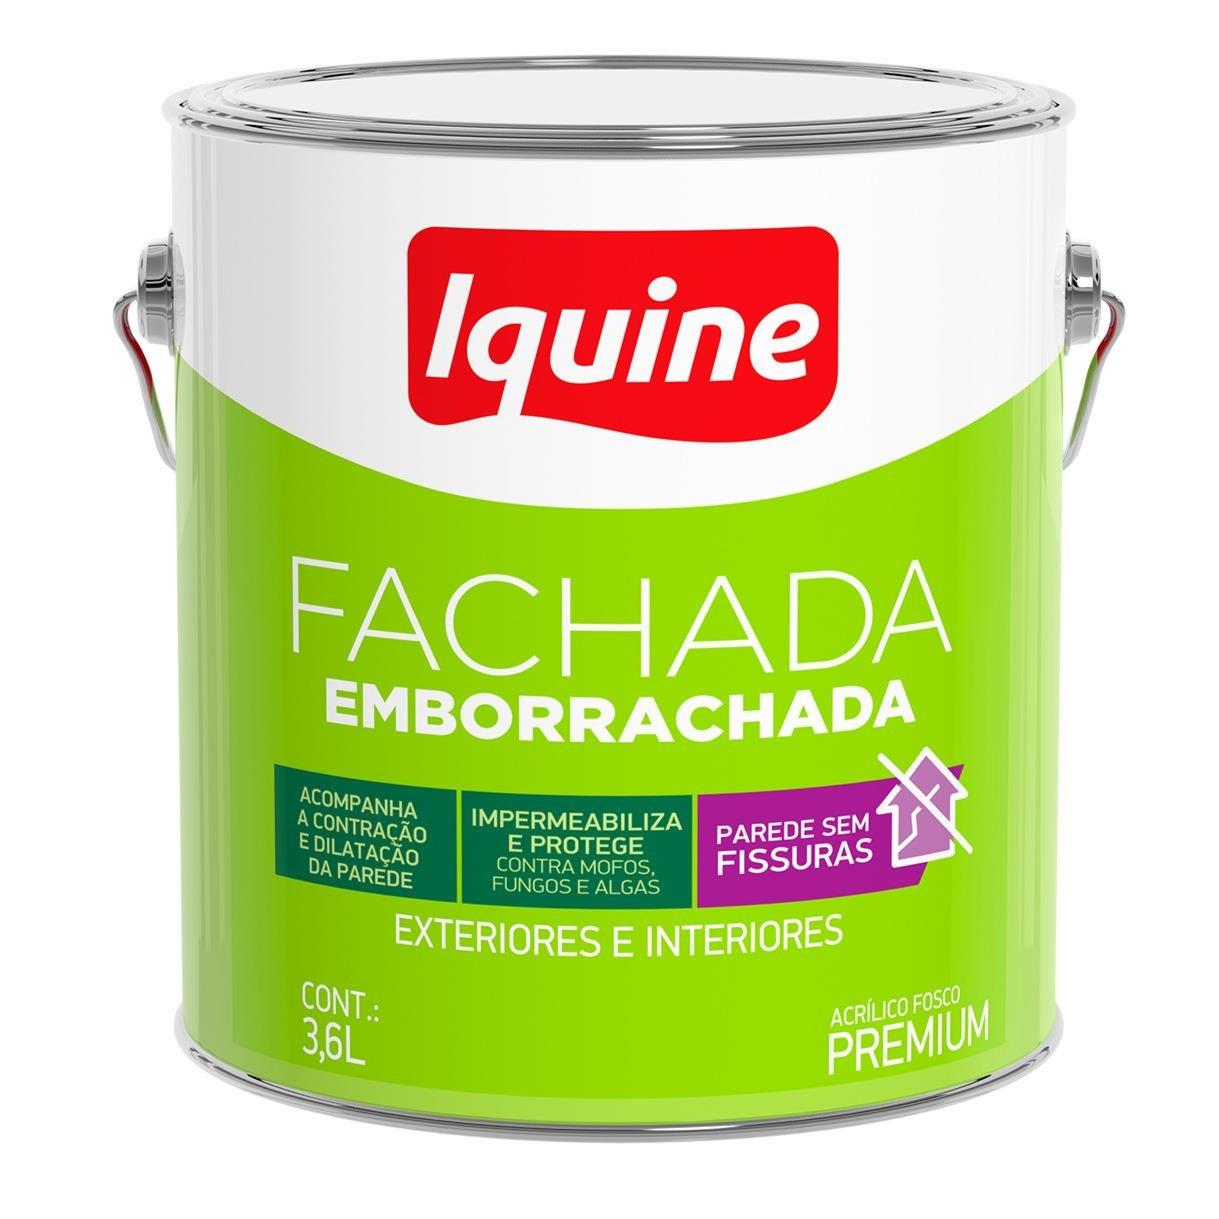 Tinta Acrilica Fosco Premium 36L - Branco Neve - Fachadas Iquine